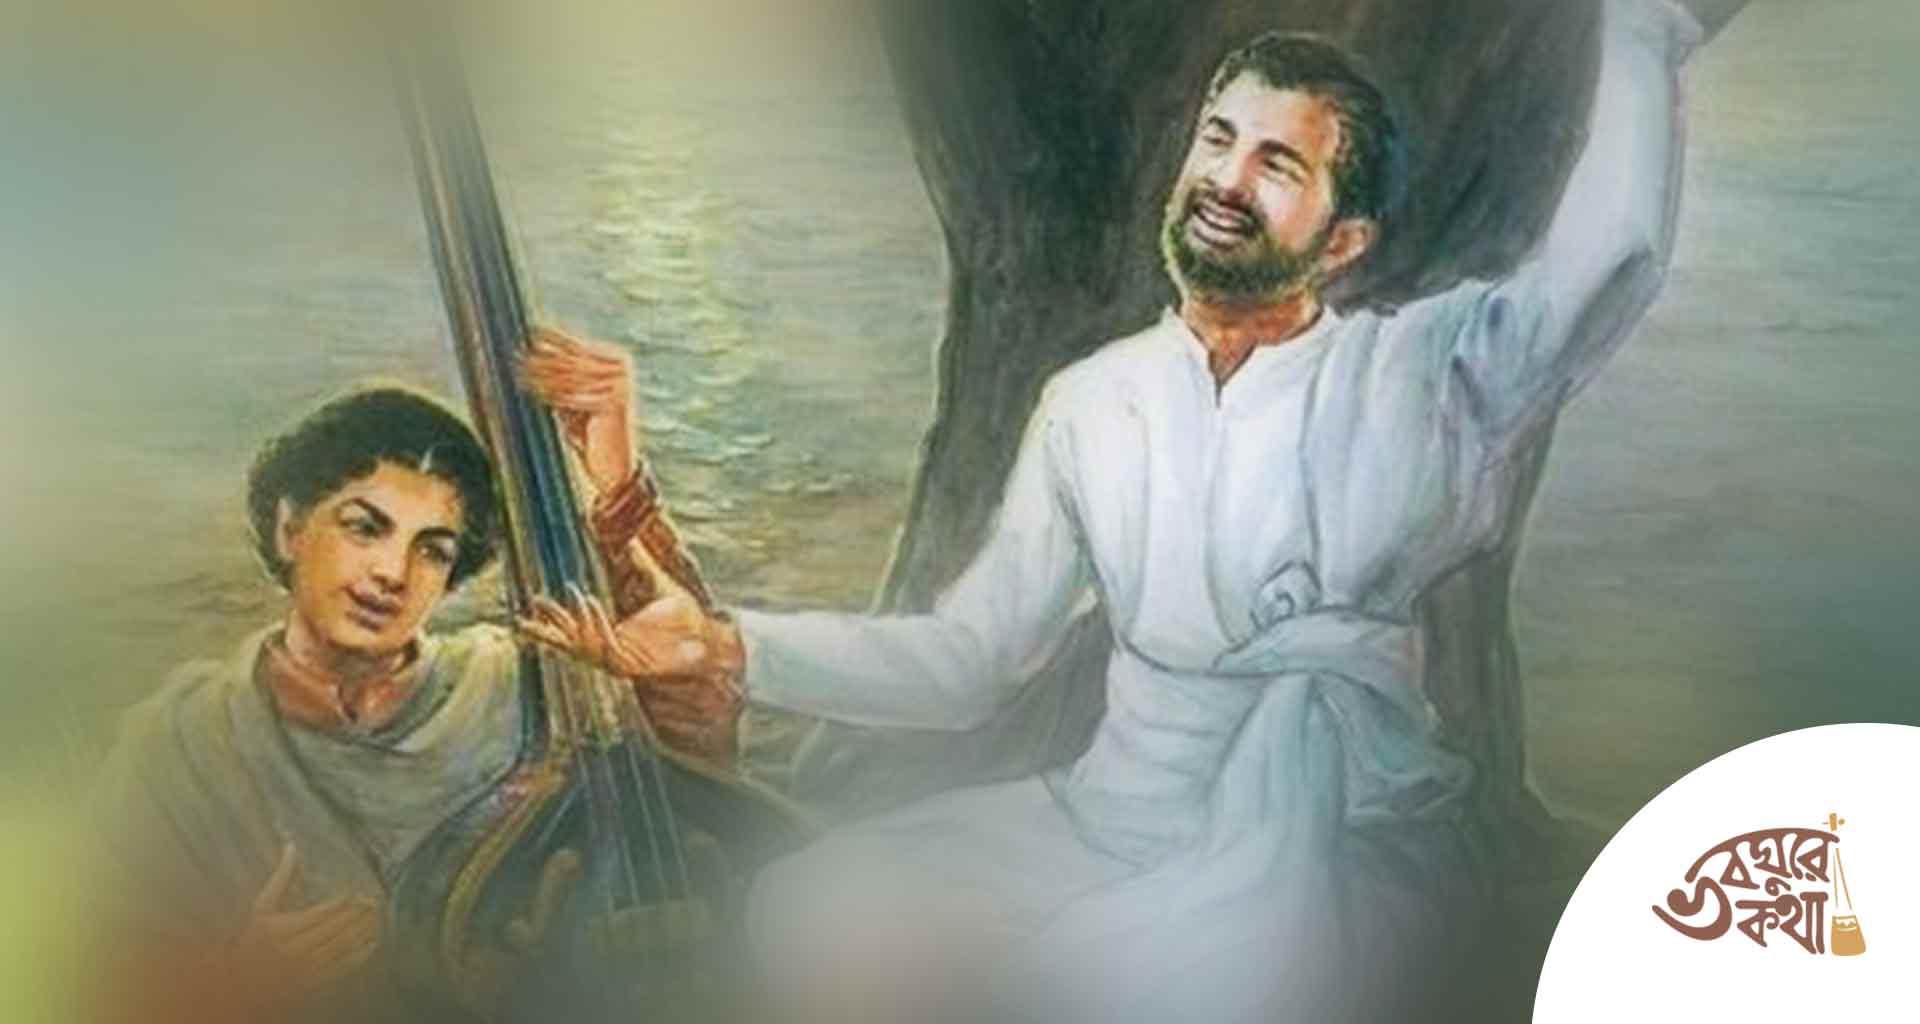 শ্রী রামকৃষ্ণ পরমহংস দেব